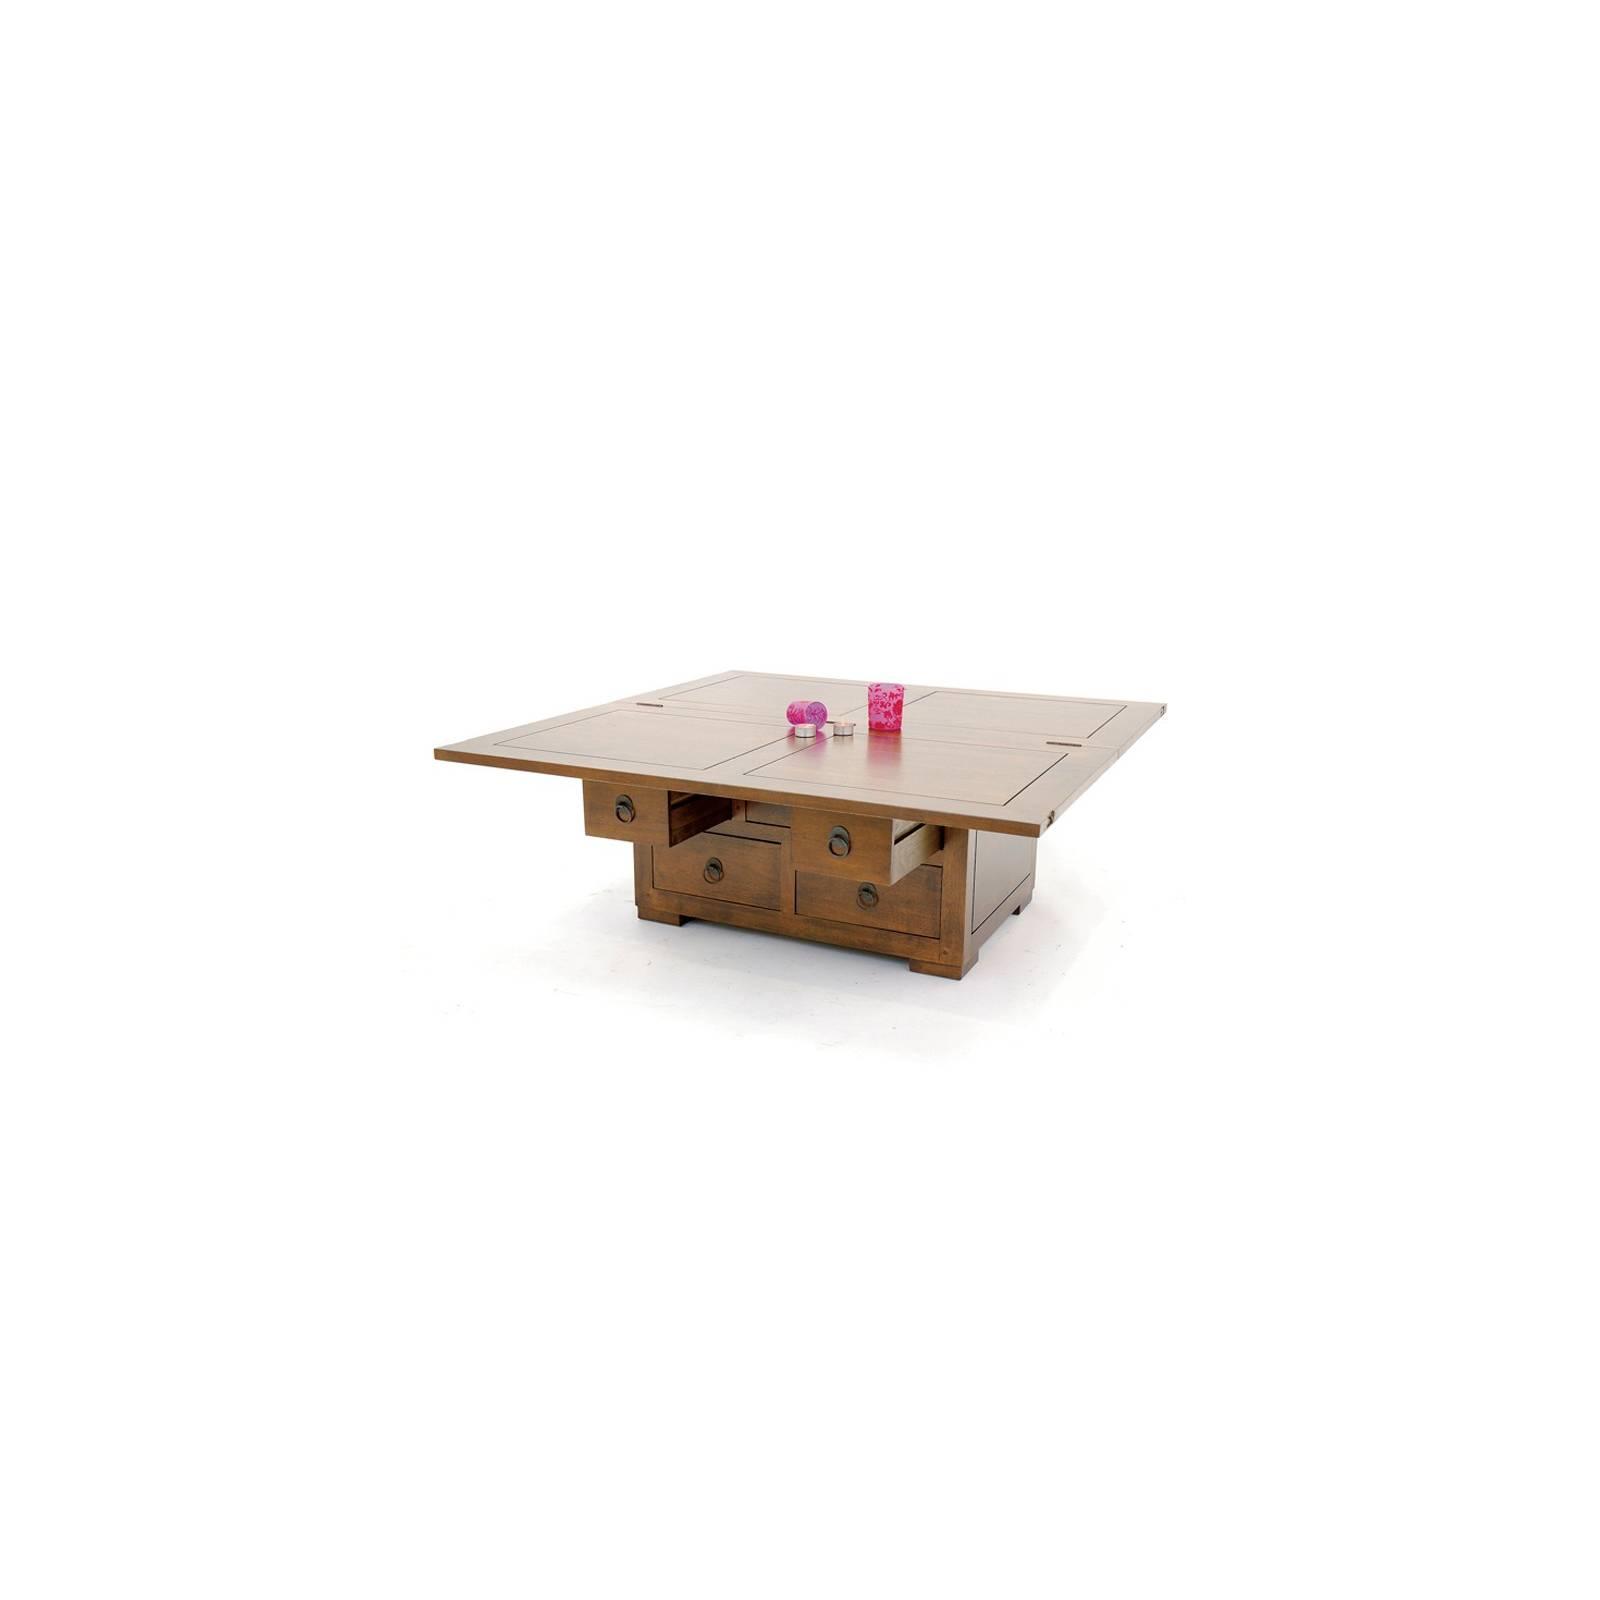 Table Basse Double Face Chine Hévéa - meuble bois exotique